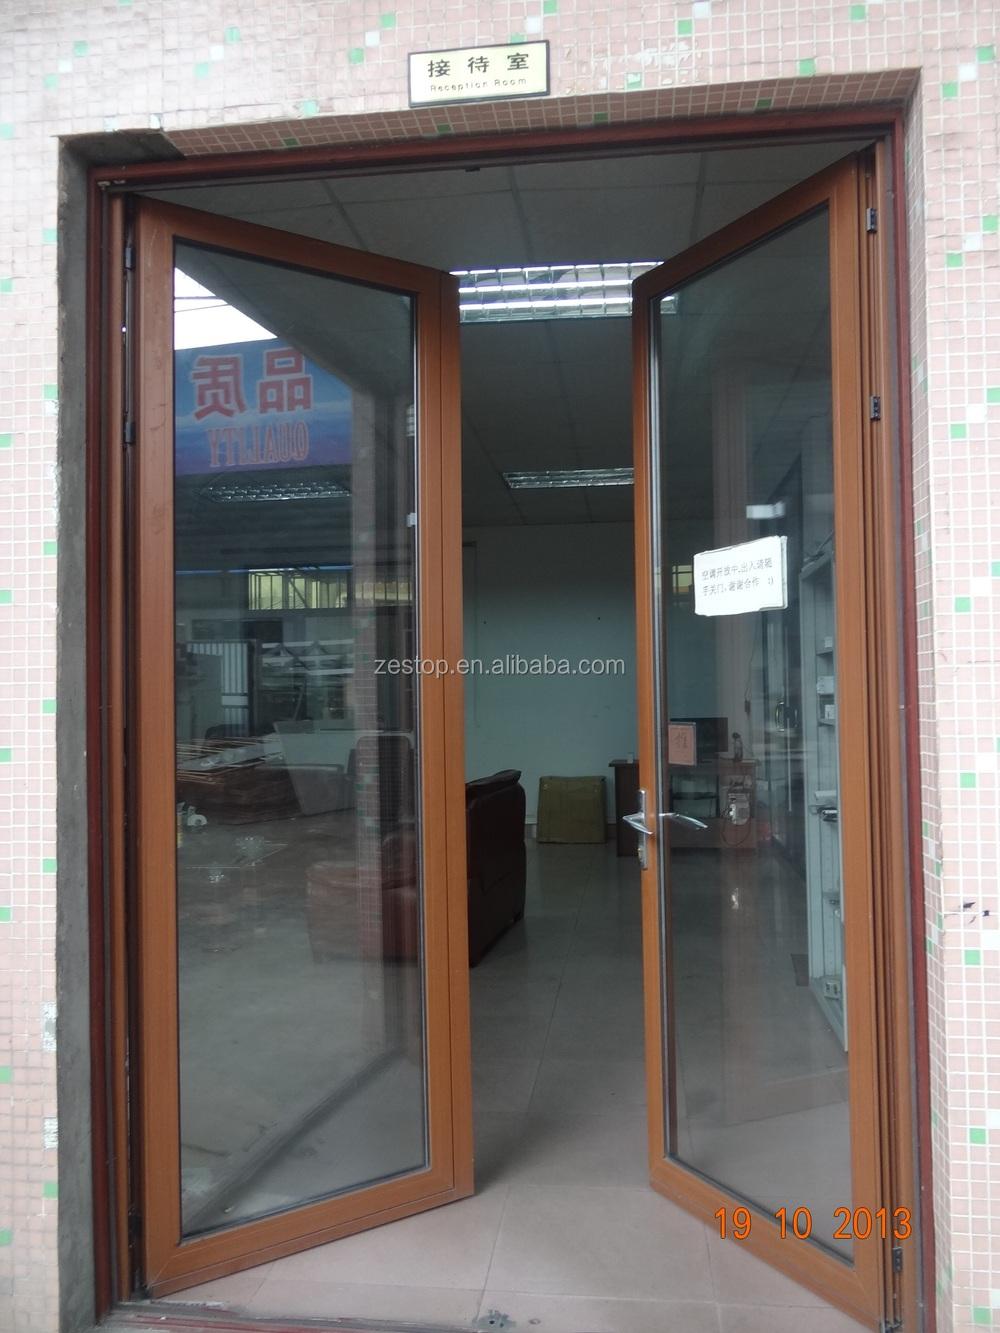 Laminate Glass Aluminium Commercial Front Double Door Designs Buy Door Designs Commercial